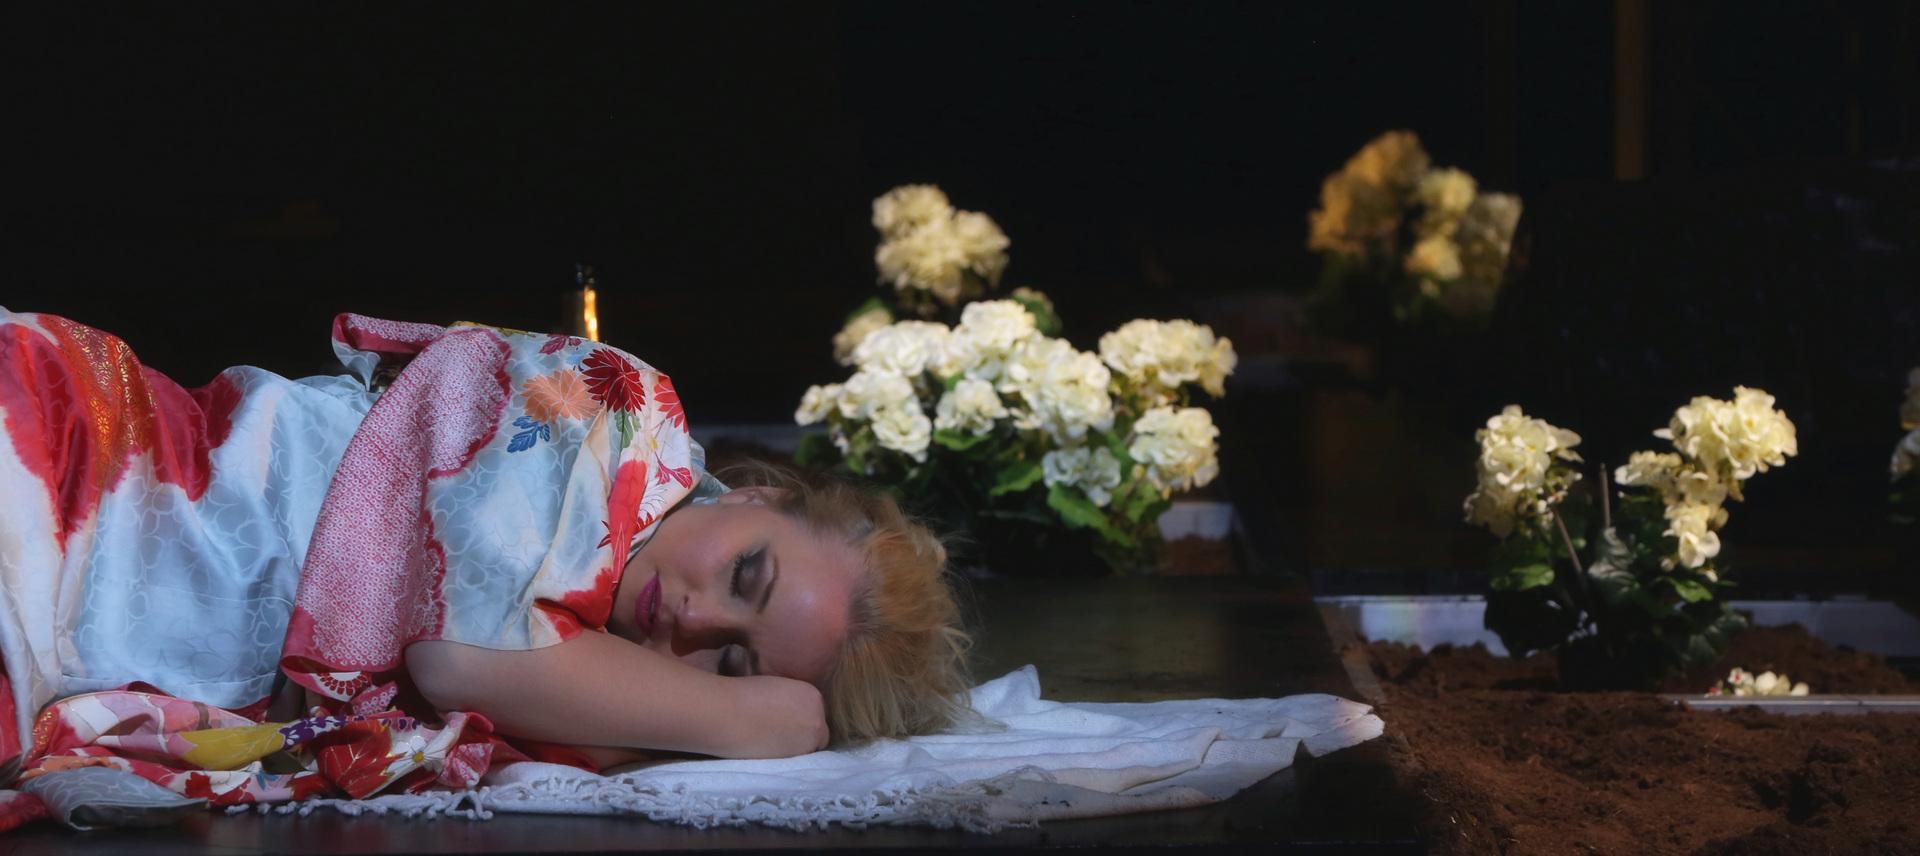 Incoronazione-di-Poppea-Opera-by-Claudio-Monteverdi-Opera-Director-Jacopo-Spirei-Oslo-2015-11